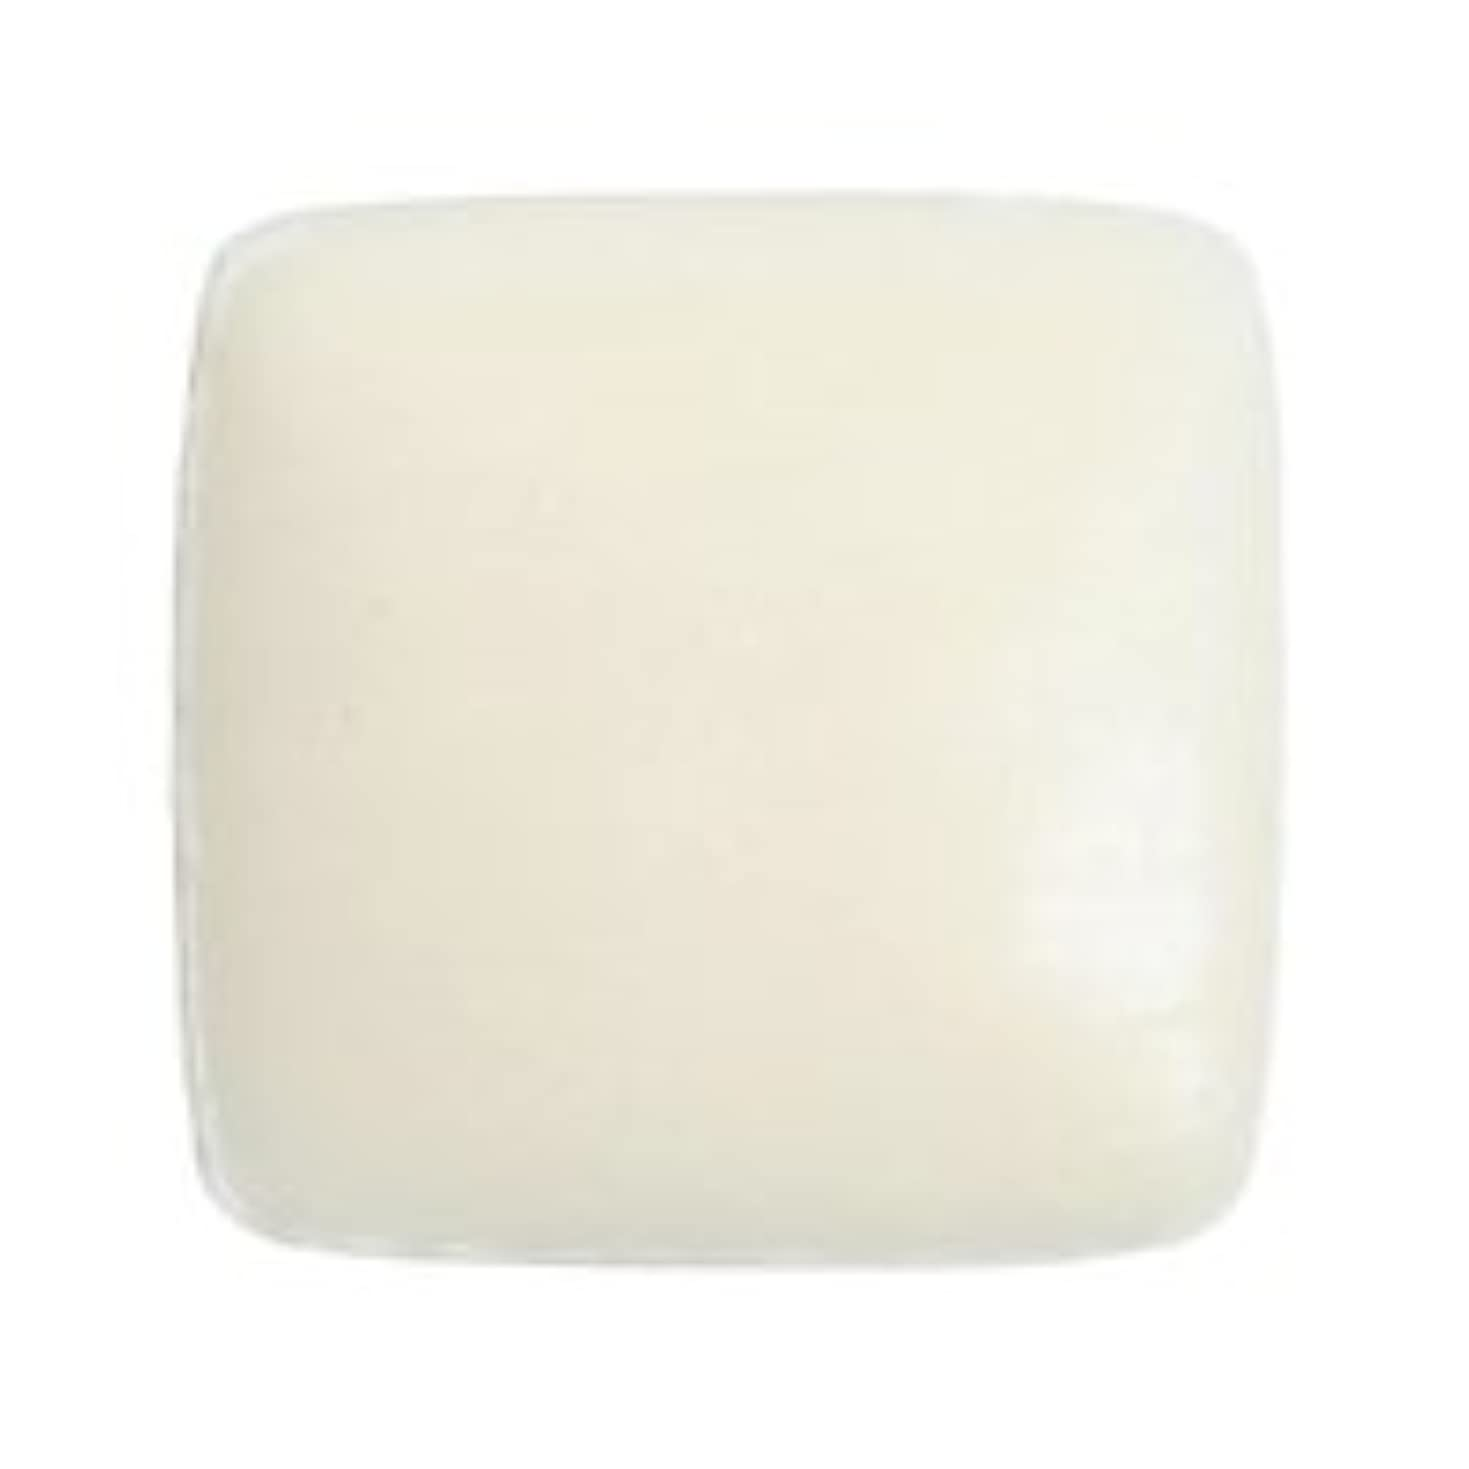 メナジェリー隙間マウスドクターY ホワイトクレイソープ80g 固形石鹸